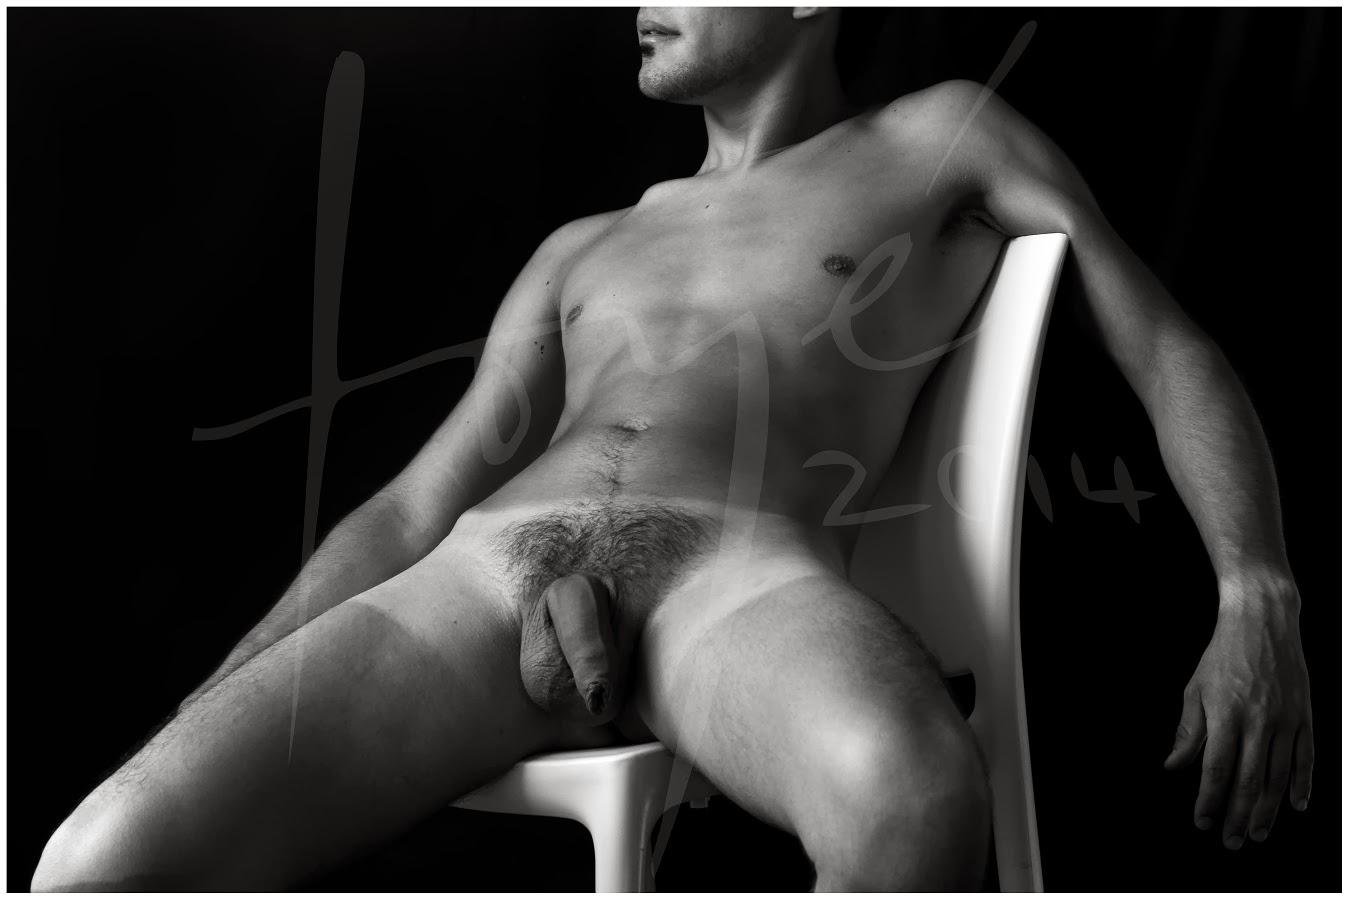 El diario de los penes: Fotos de hombres desnudos en la